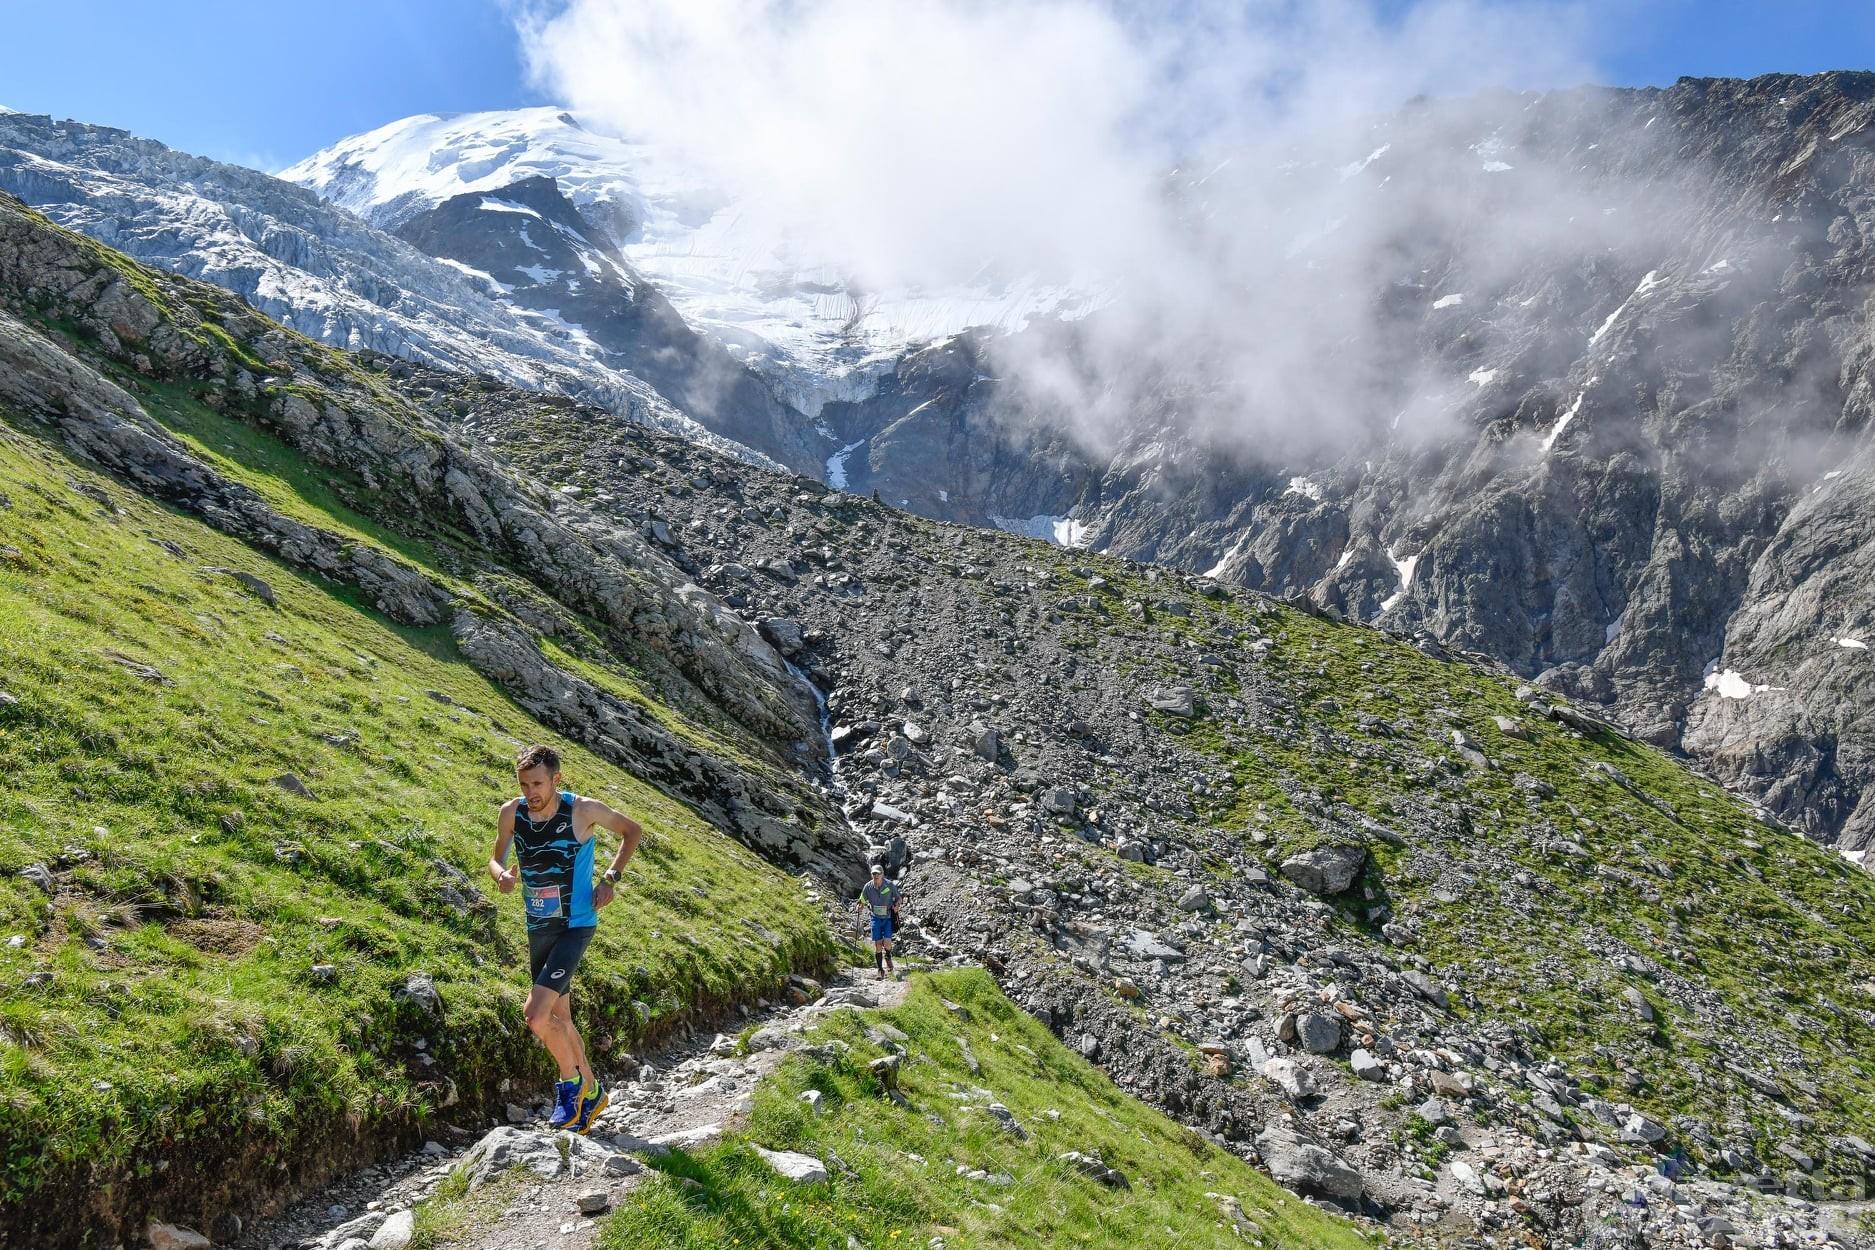 Corsa in montagna: tripudio azzurro con Chevrier, Puppi e Aymonod a Saint Gervais